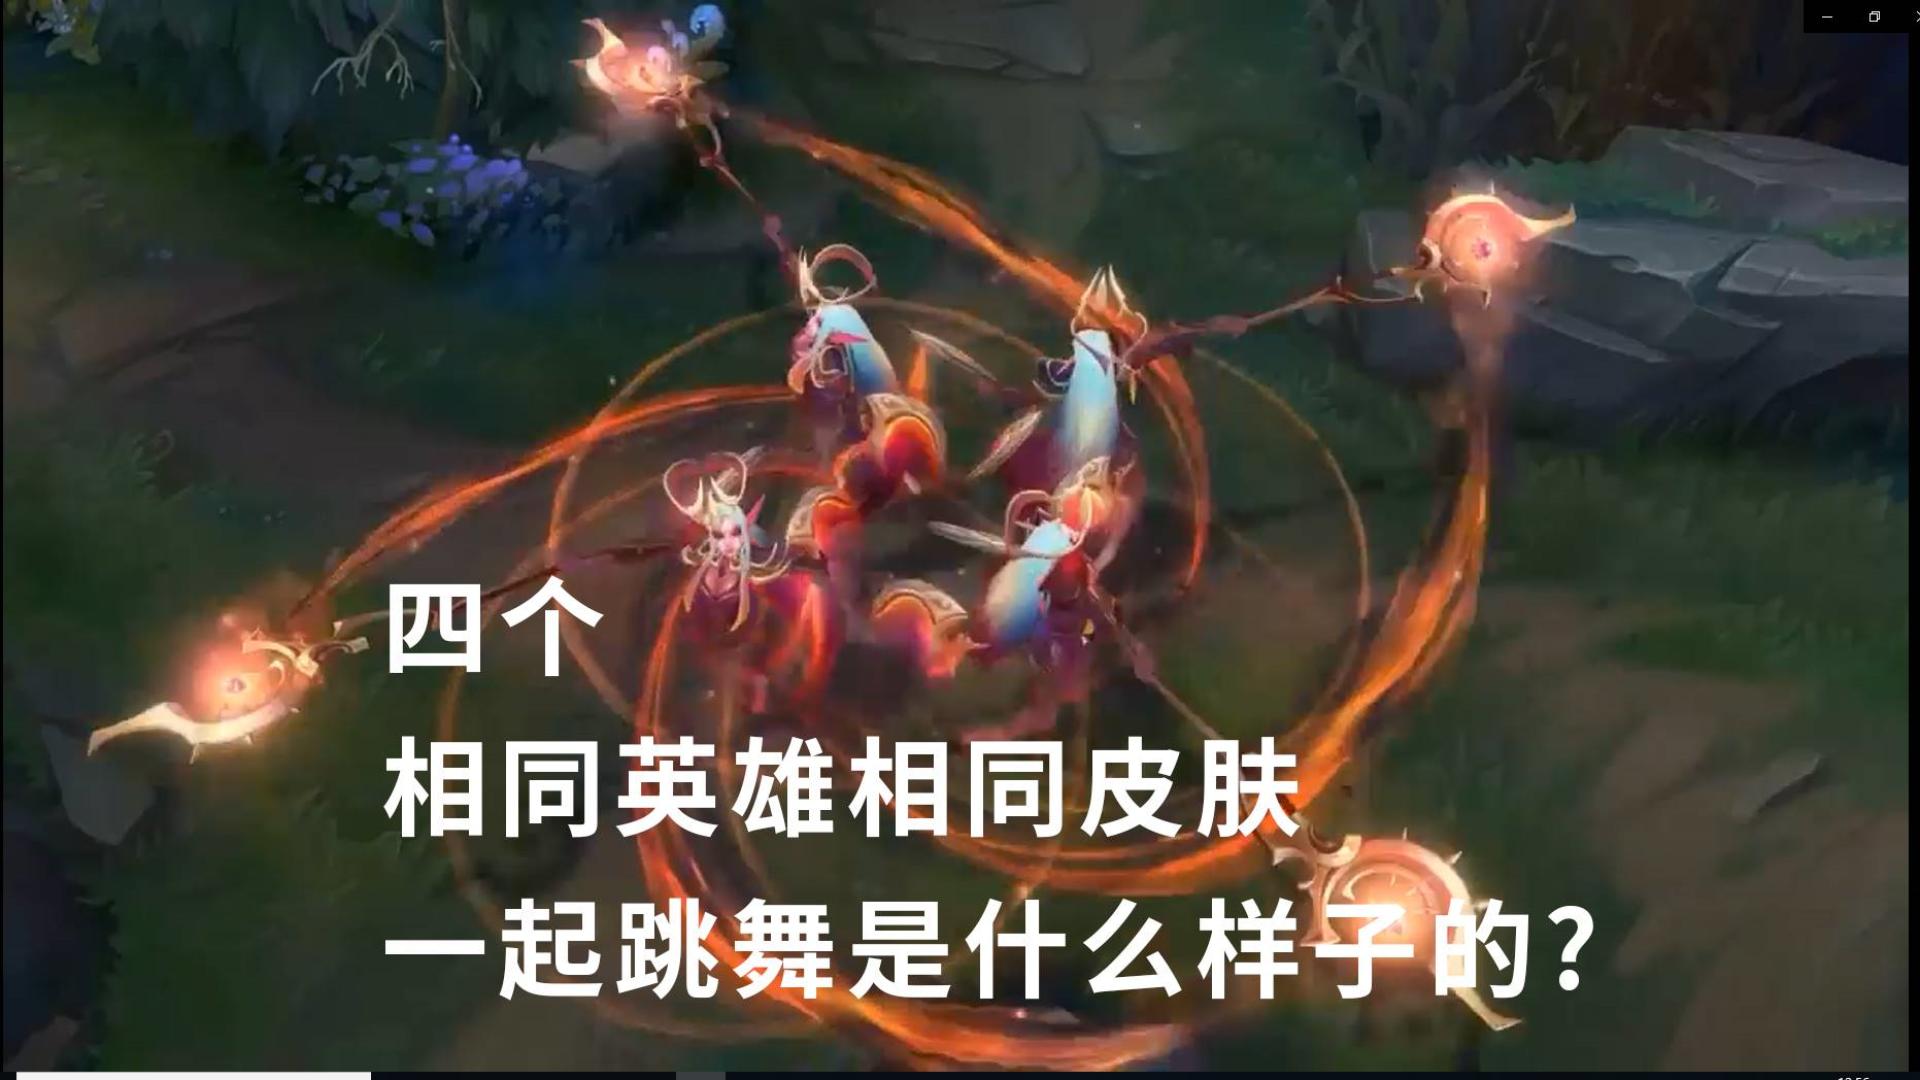 英雄联盟:四个相同英雄相同皮肤,一起跳舞。你没见过的画面!